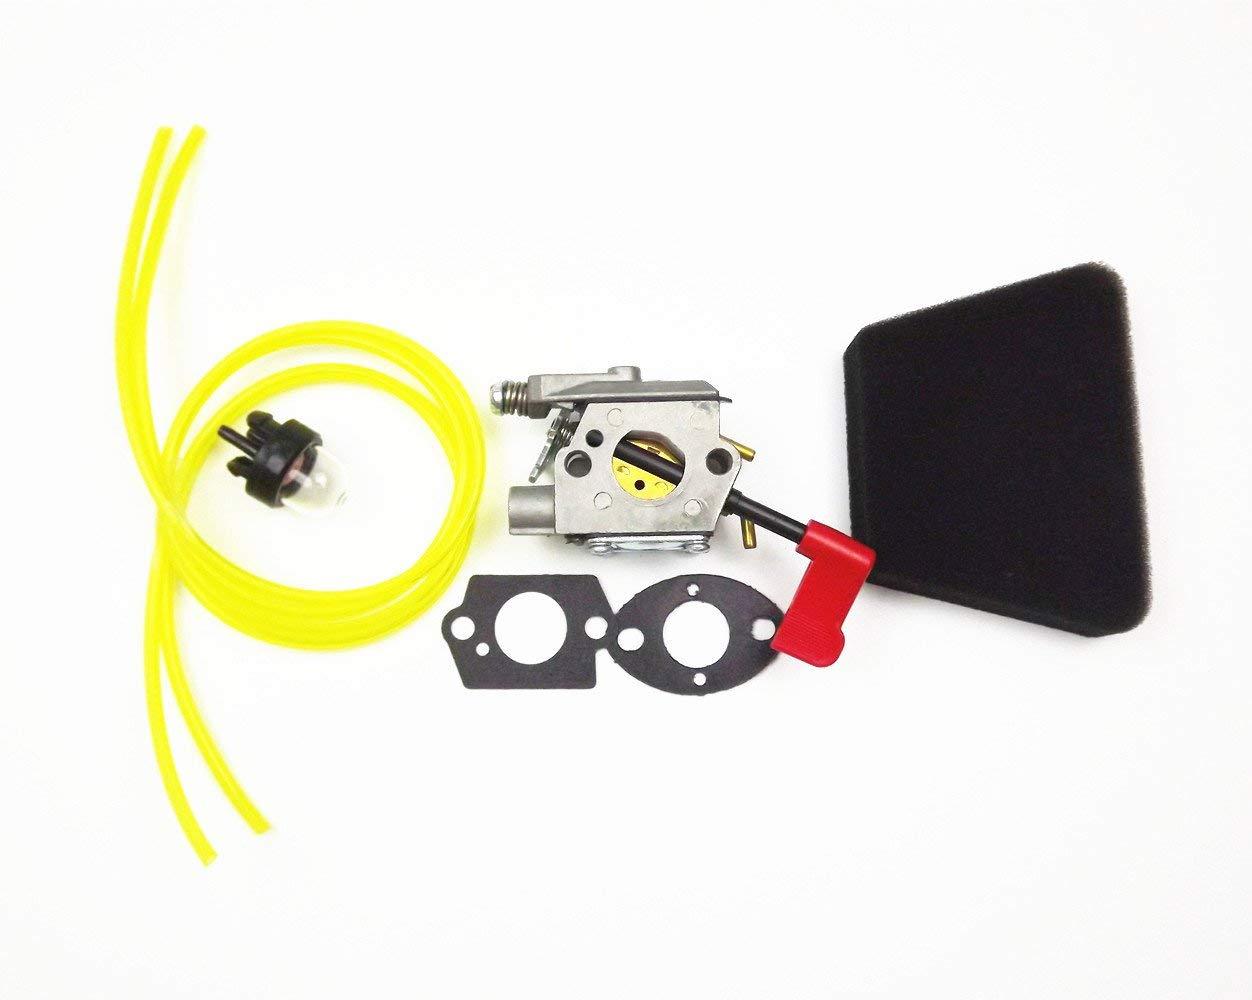 labwork WT-628 New Carburetor for Craftsman Poulan 32cc Gas Trimmer Pole Pruner Walbro WT-628 Carb 530071637 530071405 530071565